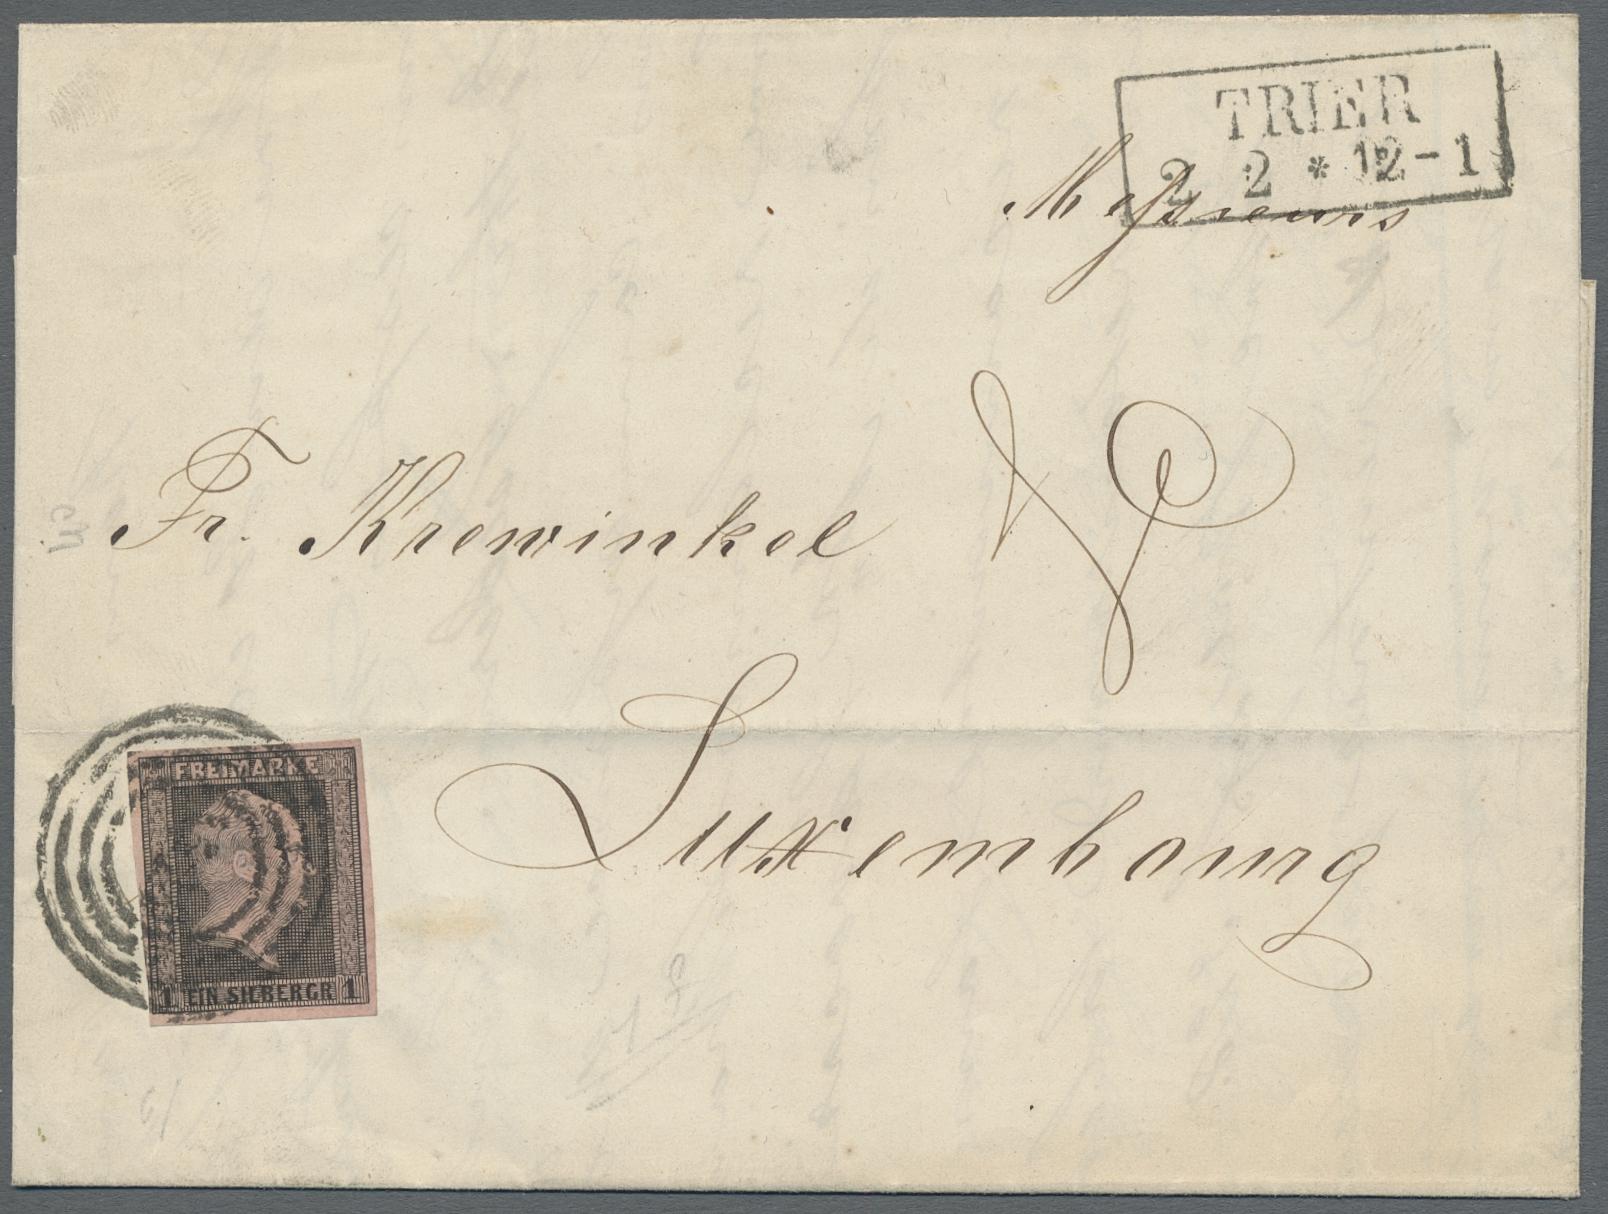 Lot 23015 - Deutsche Abstimmungsgebiete: Saargebiet  -  Auktionshaus Christoph Gärtner GmbH & Co. KG Sale #44 Germany, Picture Post cards